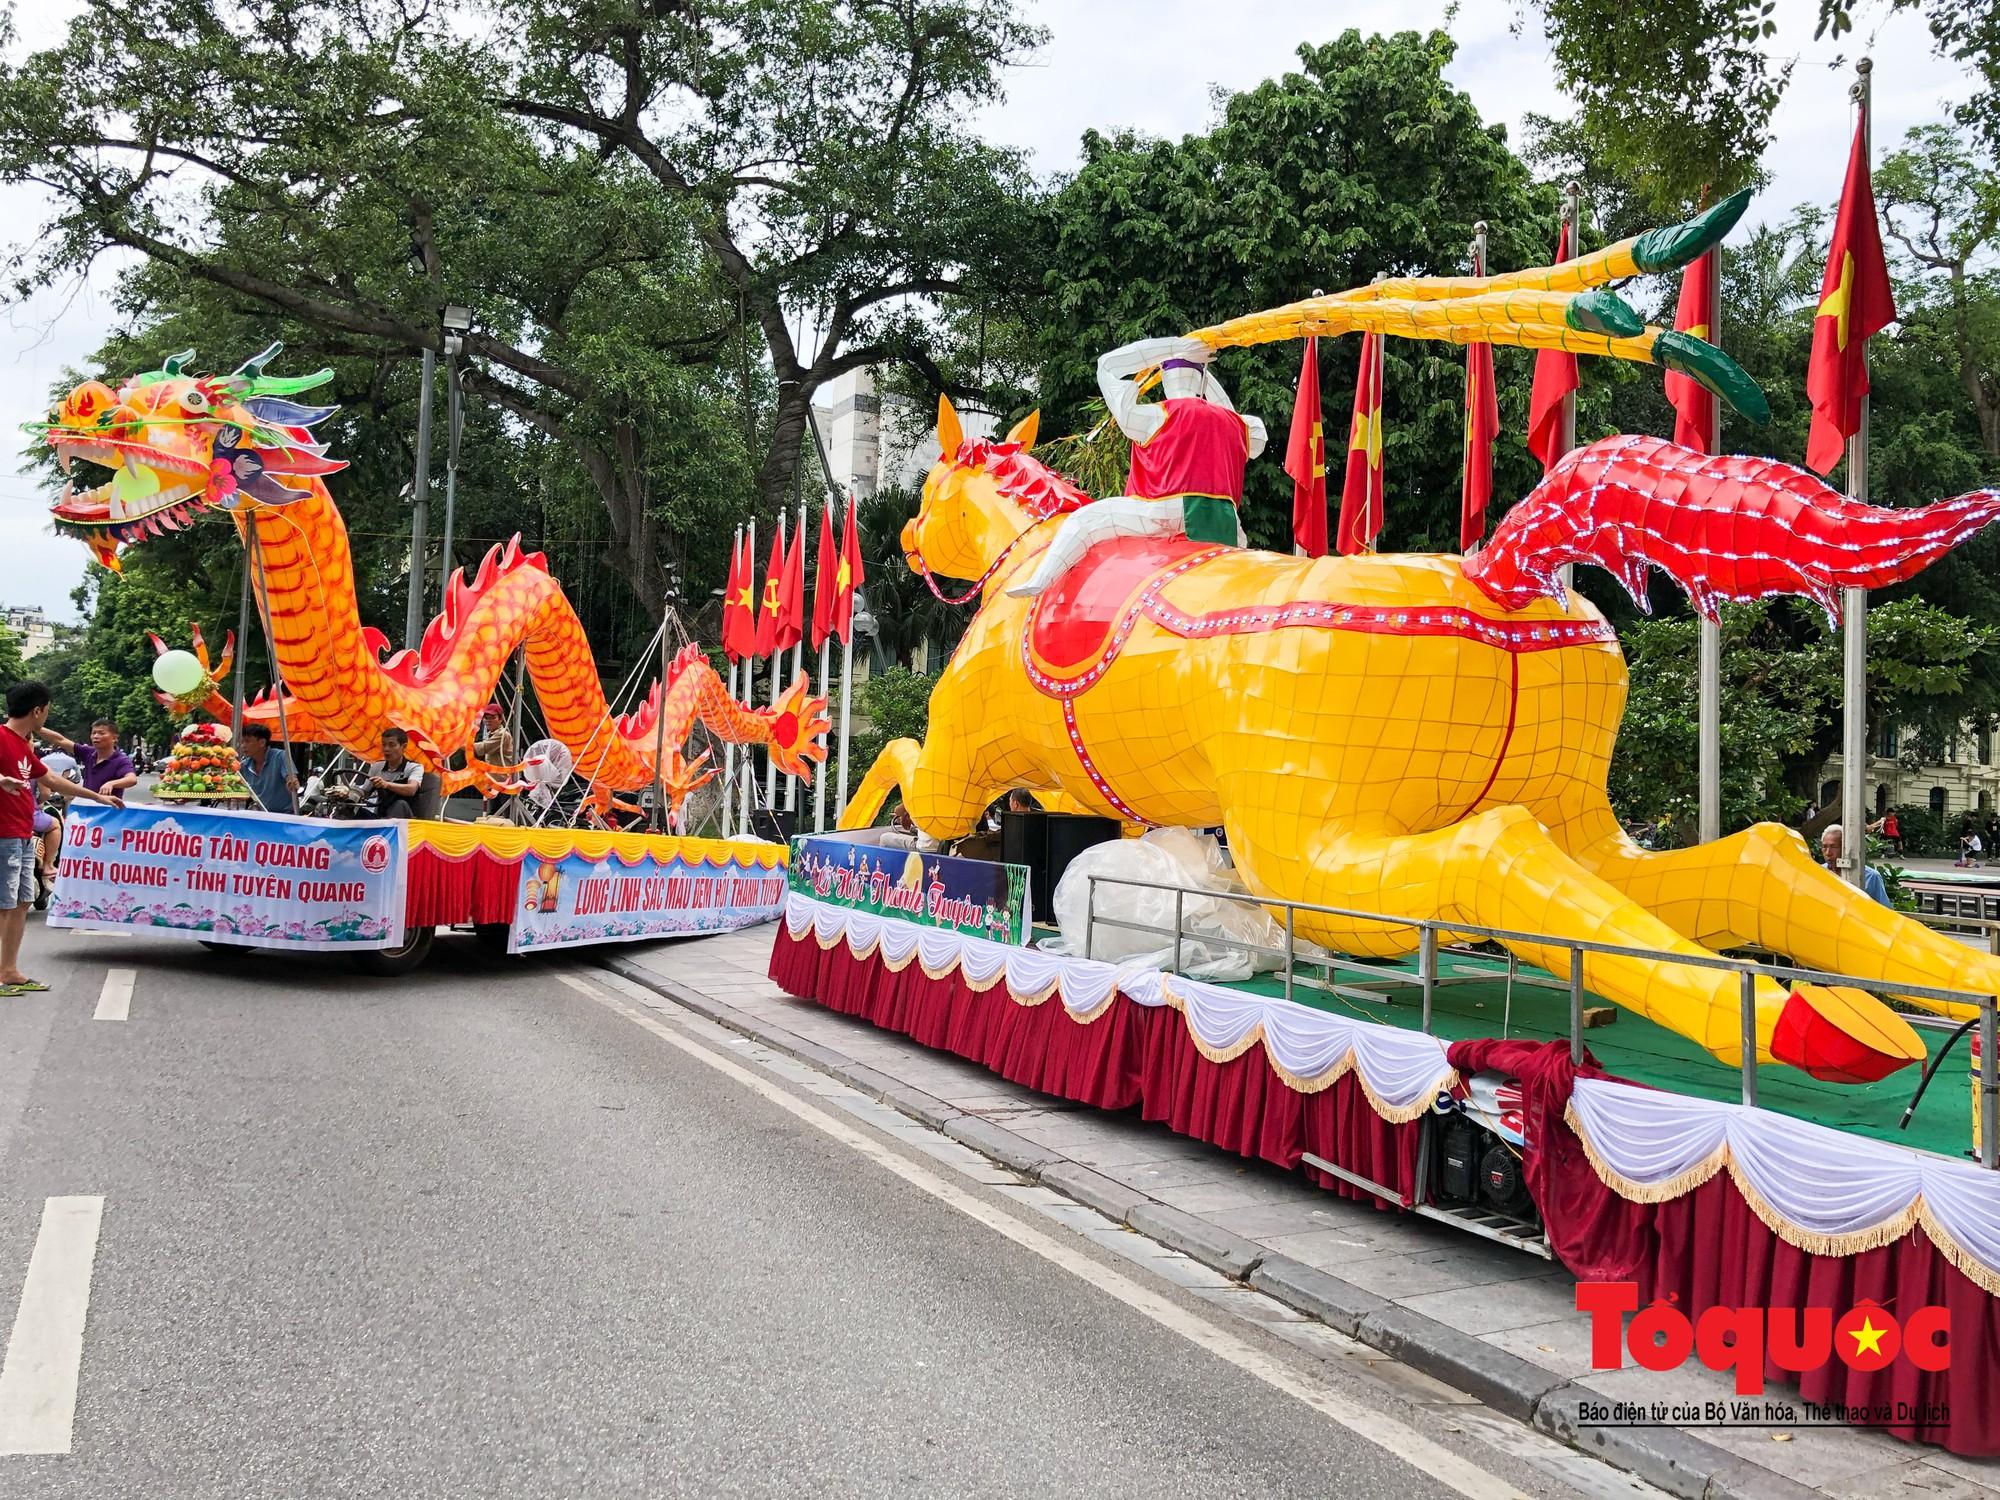 Người dân thủ đô thích thú ngắm 2 xe đèn trung thu siêu to xuất hiện trên đường phố Hà Nội1